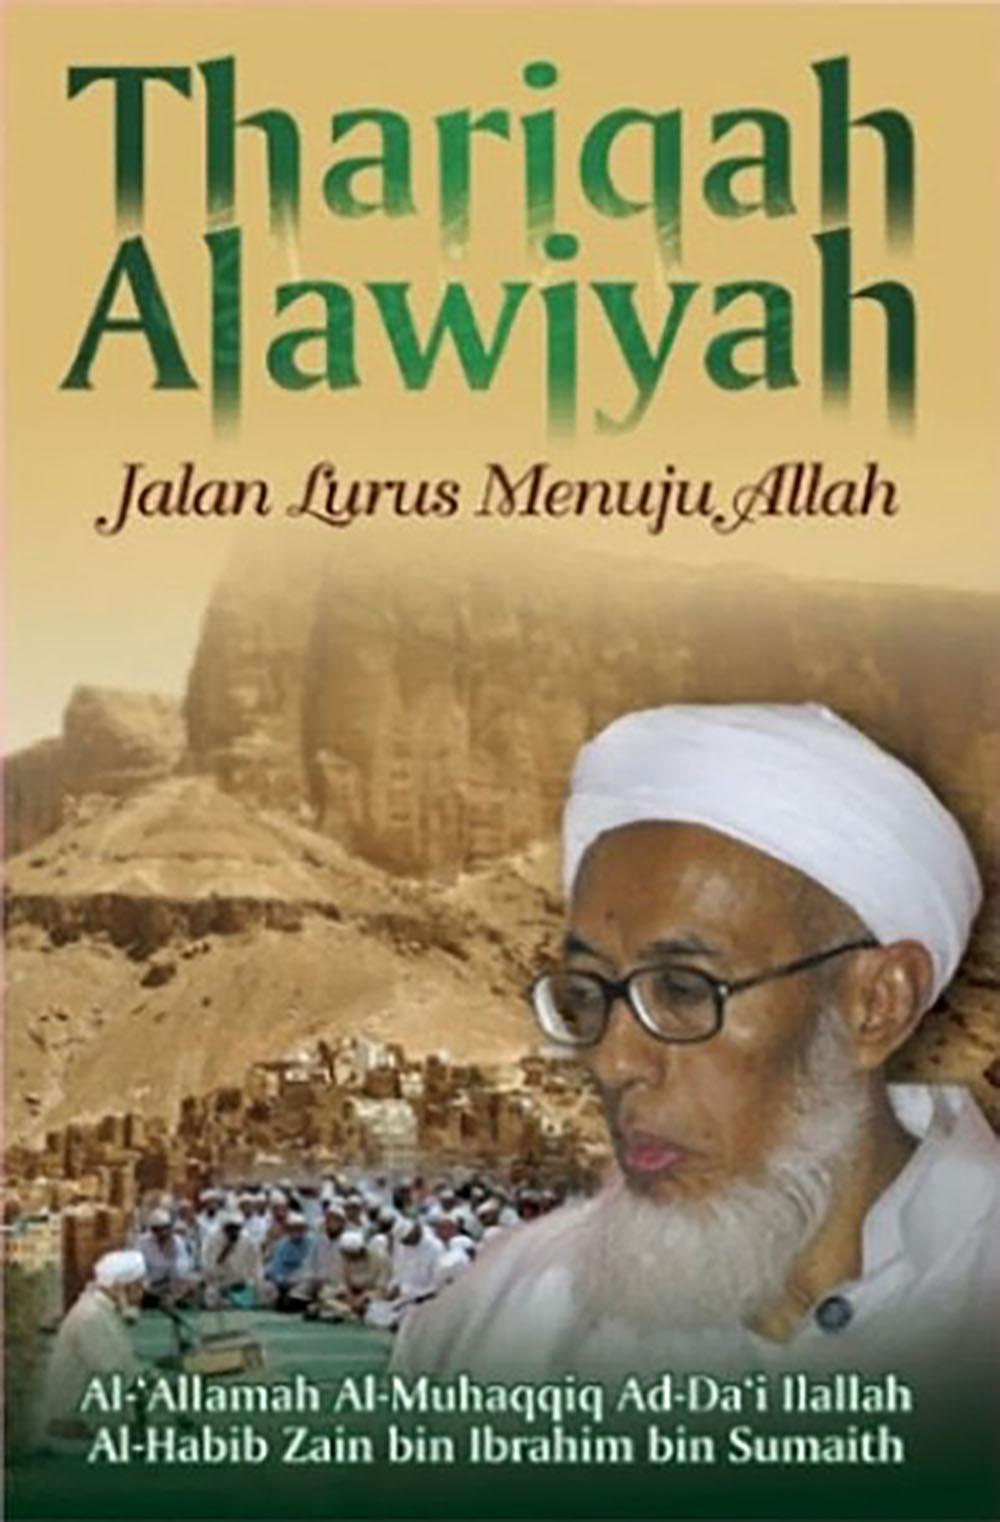 Thariqah Alawiyah